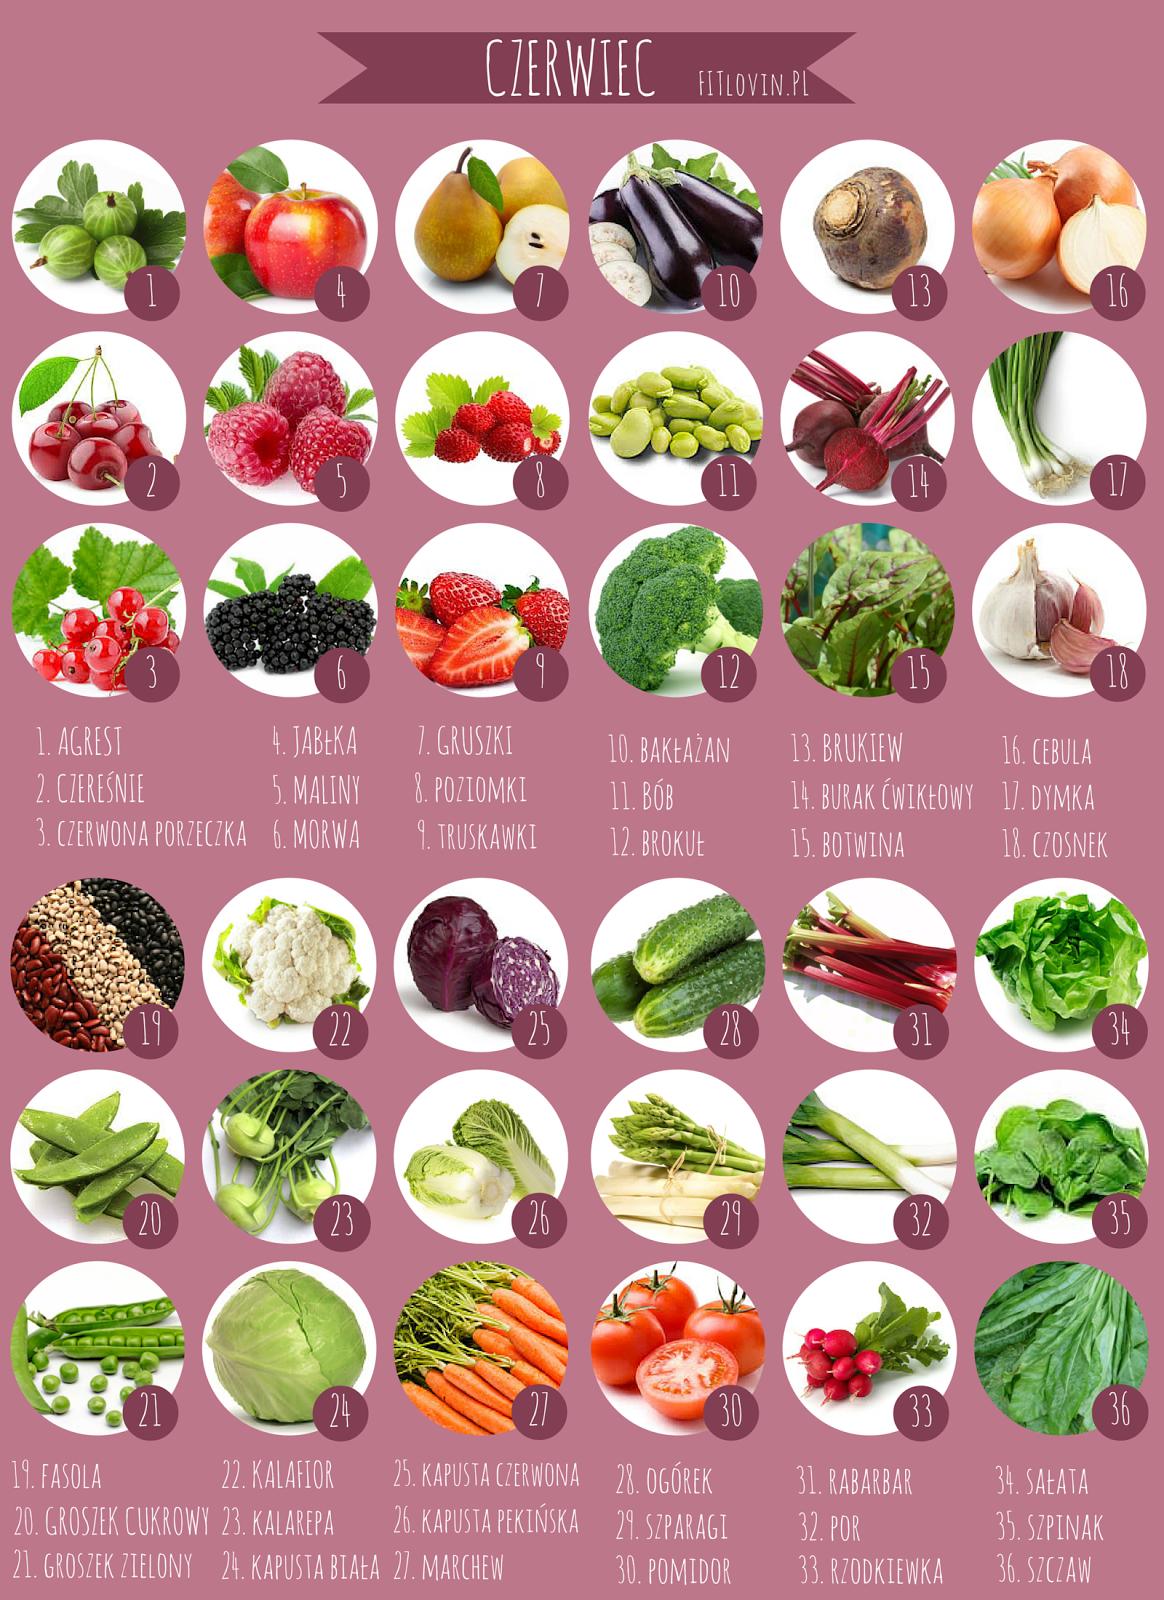 Czerwiec Sezonowe Warzywa I Owoce Grafiki Do Wydruku Niebieskoszara Fit Blog Mlodej Mamy Kids Menu Food And Drink Food